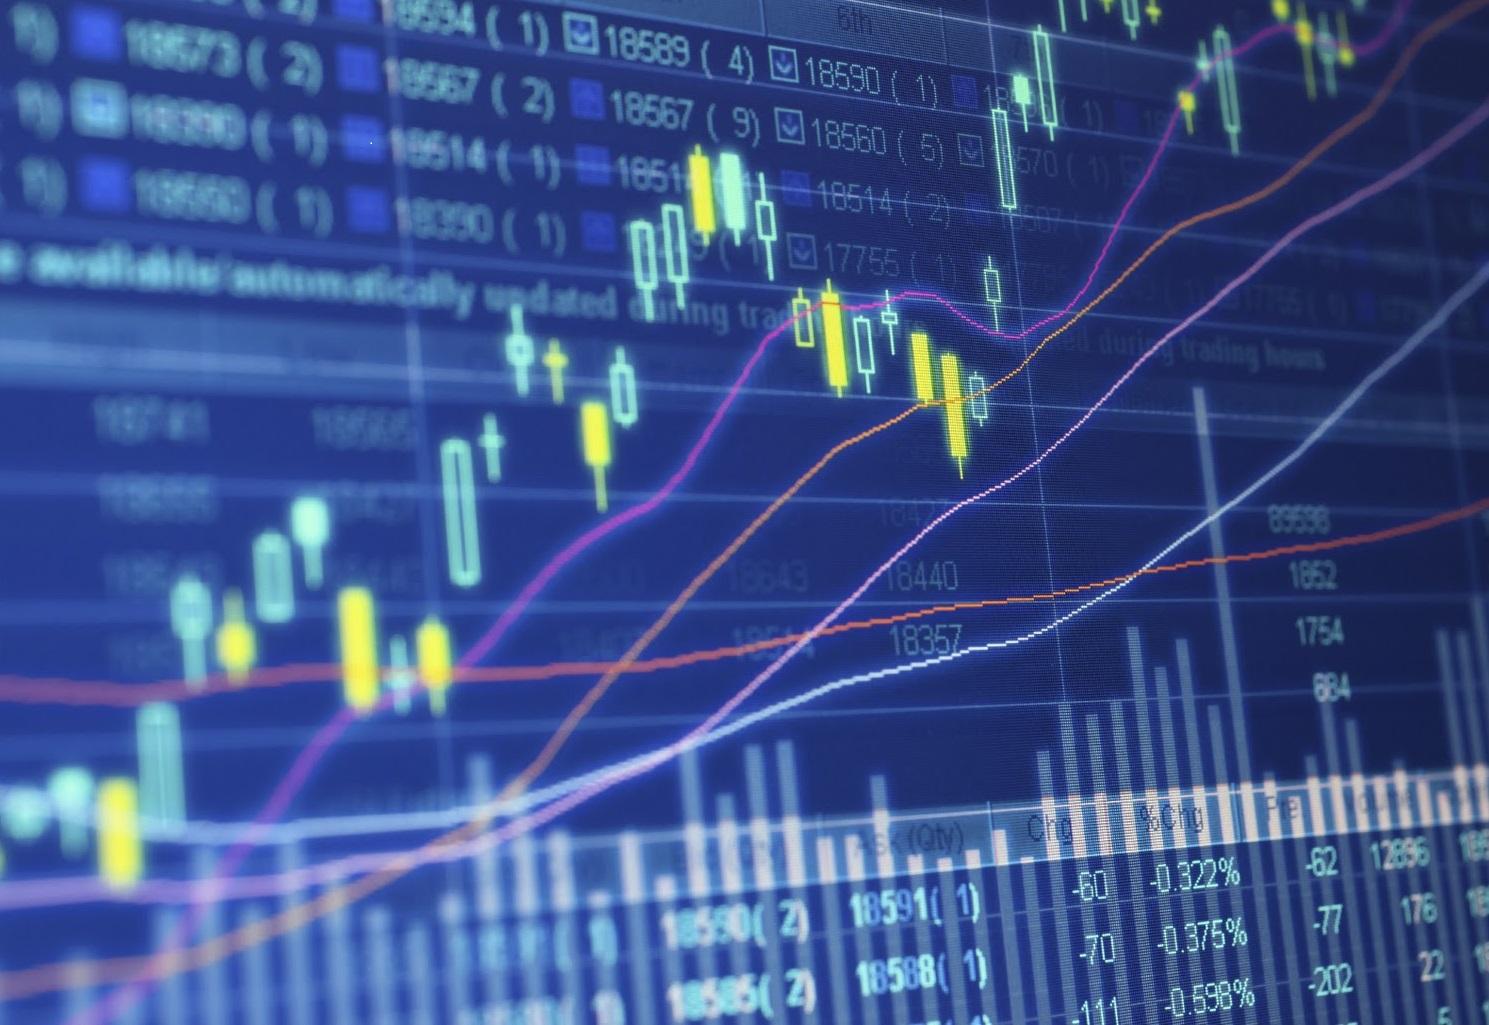 Торговые системы форекс дающие хороший сигнал для входа